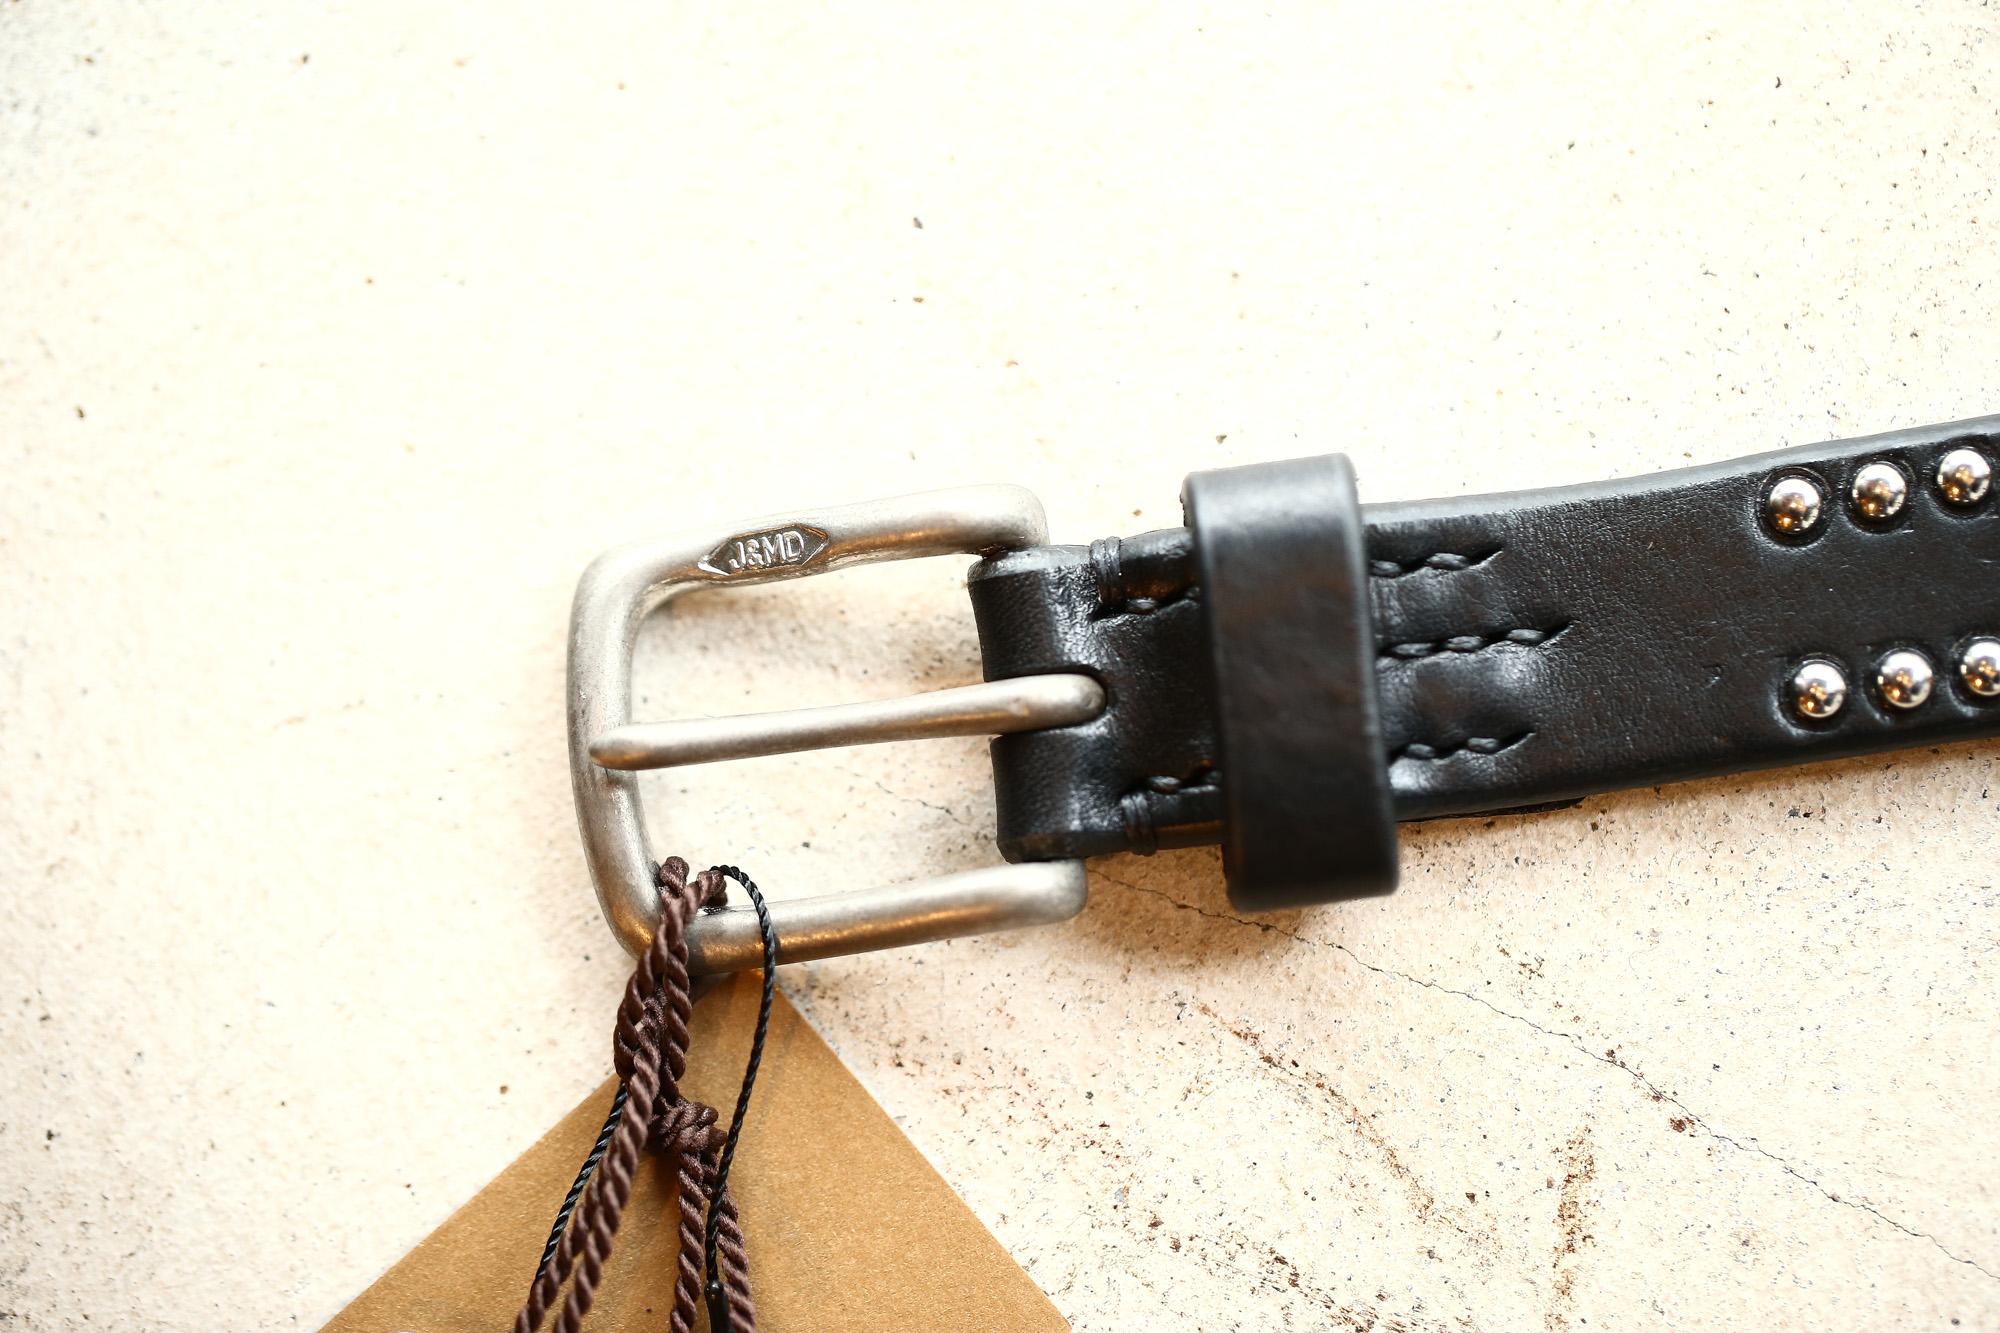 J&M DAVIDSON (ジェイアンドエムデヴィッドソン) NARROW SIDE STUDS BELT 25MM (ナロー サイド スタッズ ベルト 25mm) COWHIDE LEATHER (カウハイドレザー) スタッズベルト BLACK (ブラック・999) Made in italy (イタリア製) 2017 秋冬新作 jmdavidson jandmdavidson ジェイエム 愛知 名古屋 ZODIAC ゾディアック ベルト